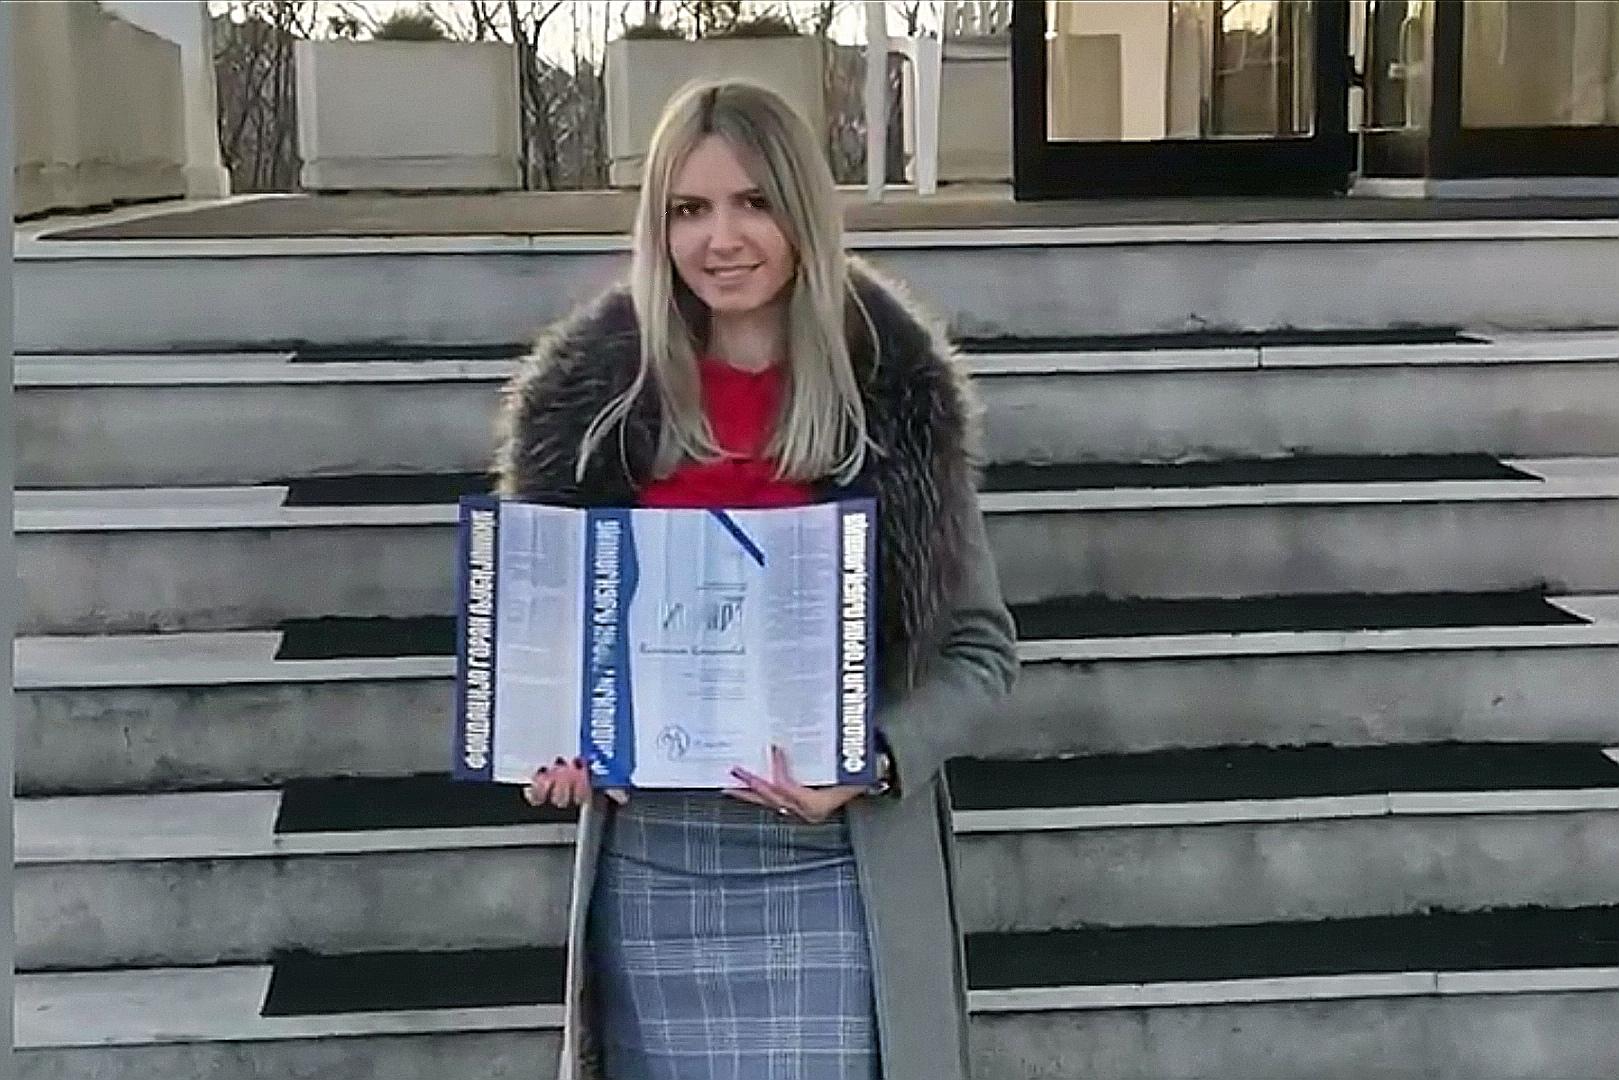 Ova devojka je dobitnik nagrade za najbolji master rad iz oblasti molekularne biologije